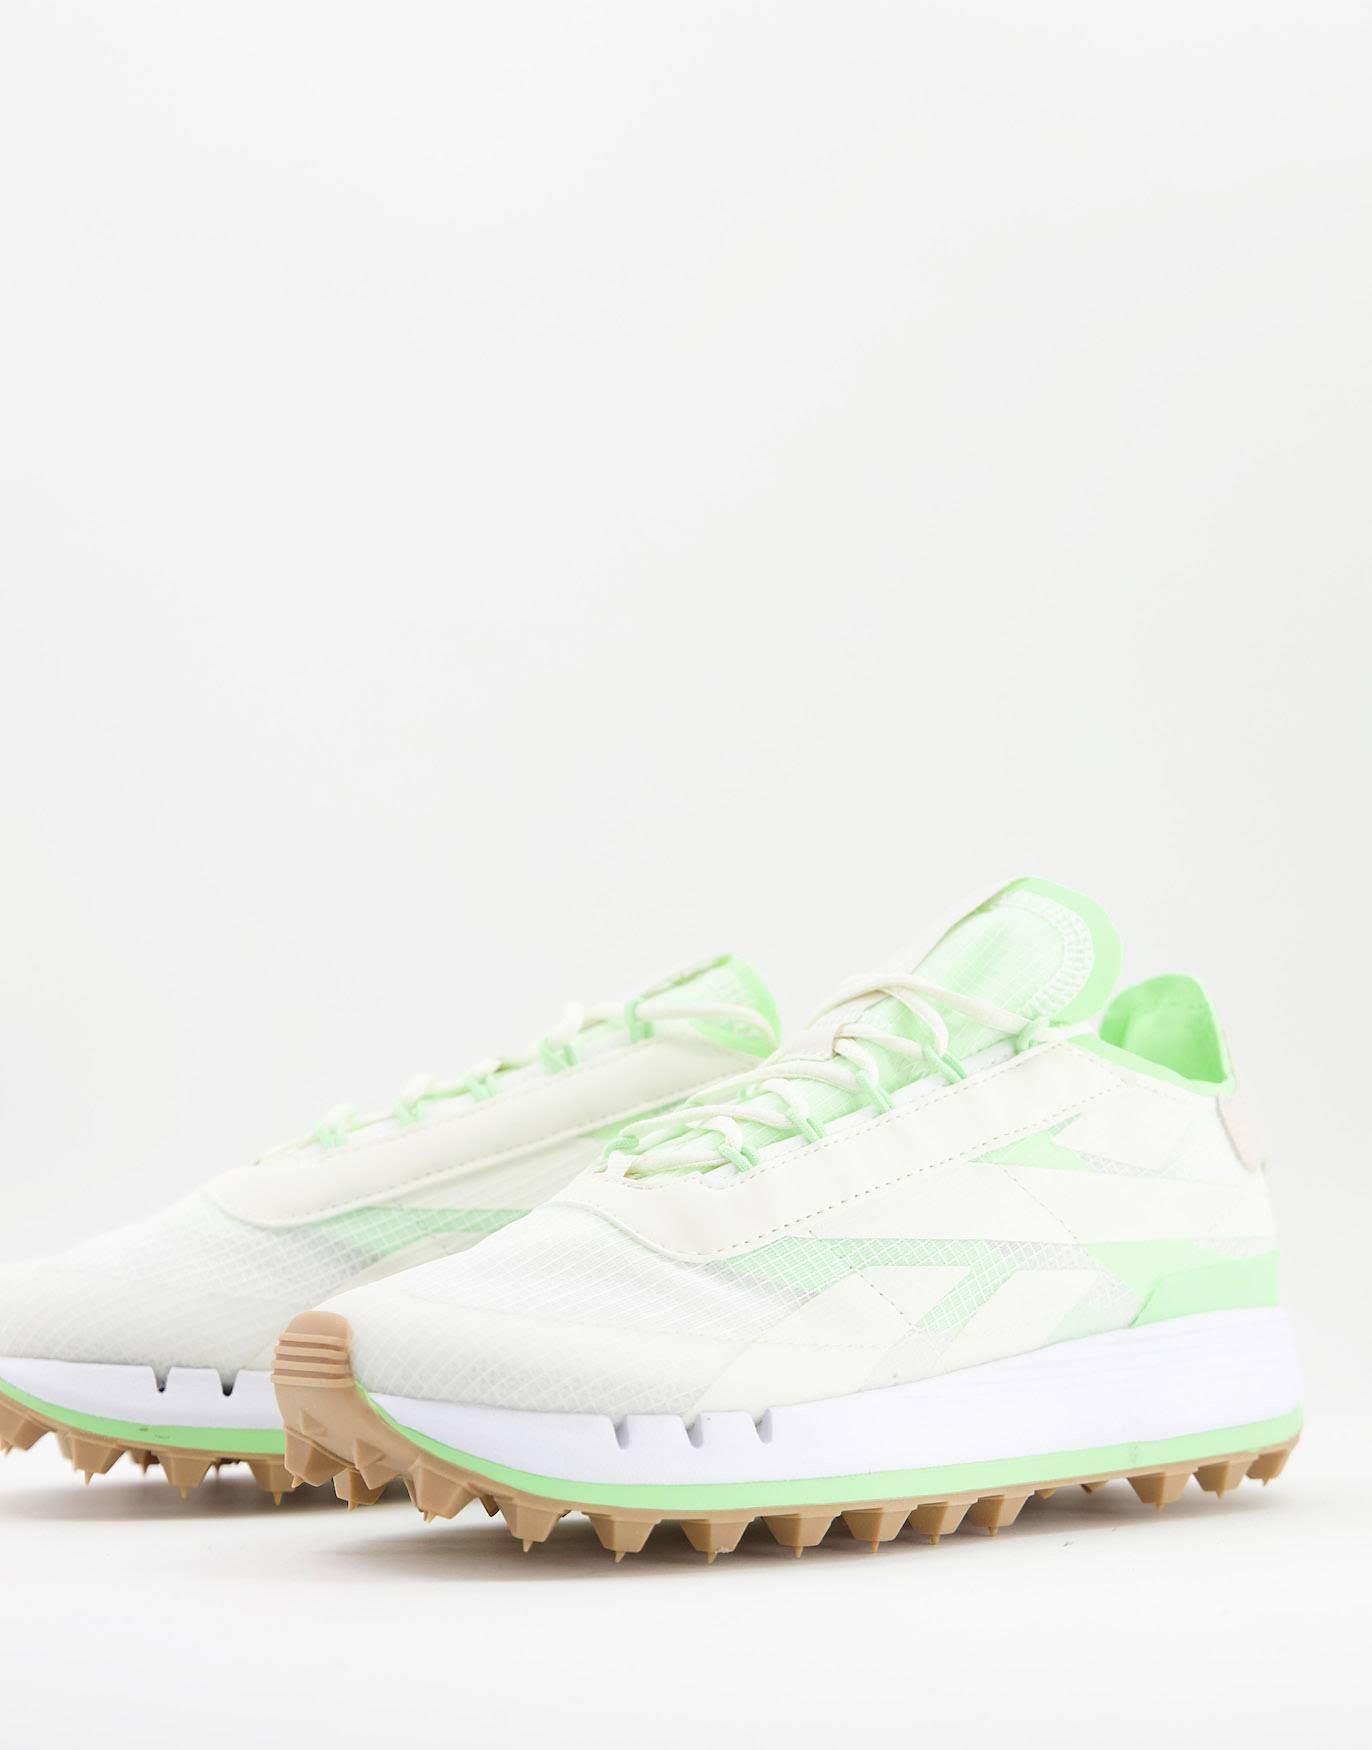 Zapatillas de deporte blancas con detalles neón Legacy 83 de Reebok